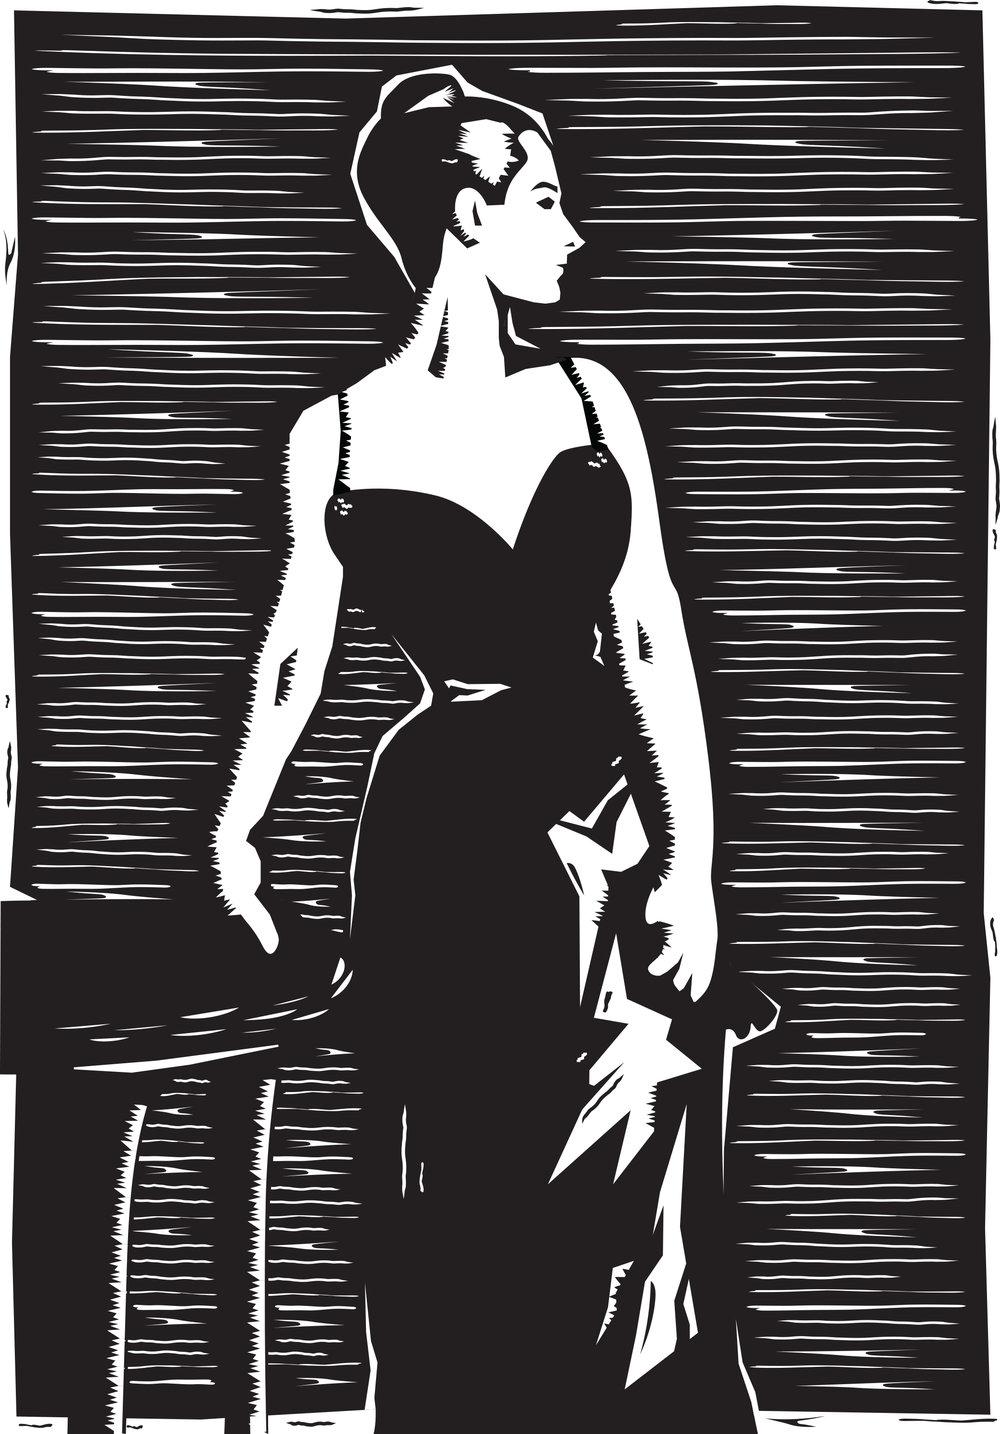 Engraved Illustration